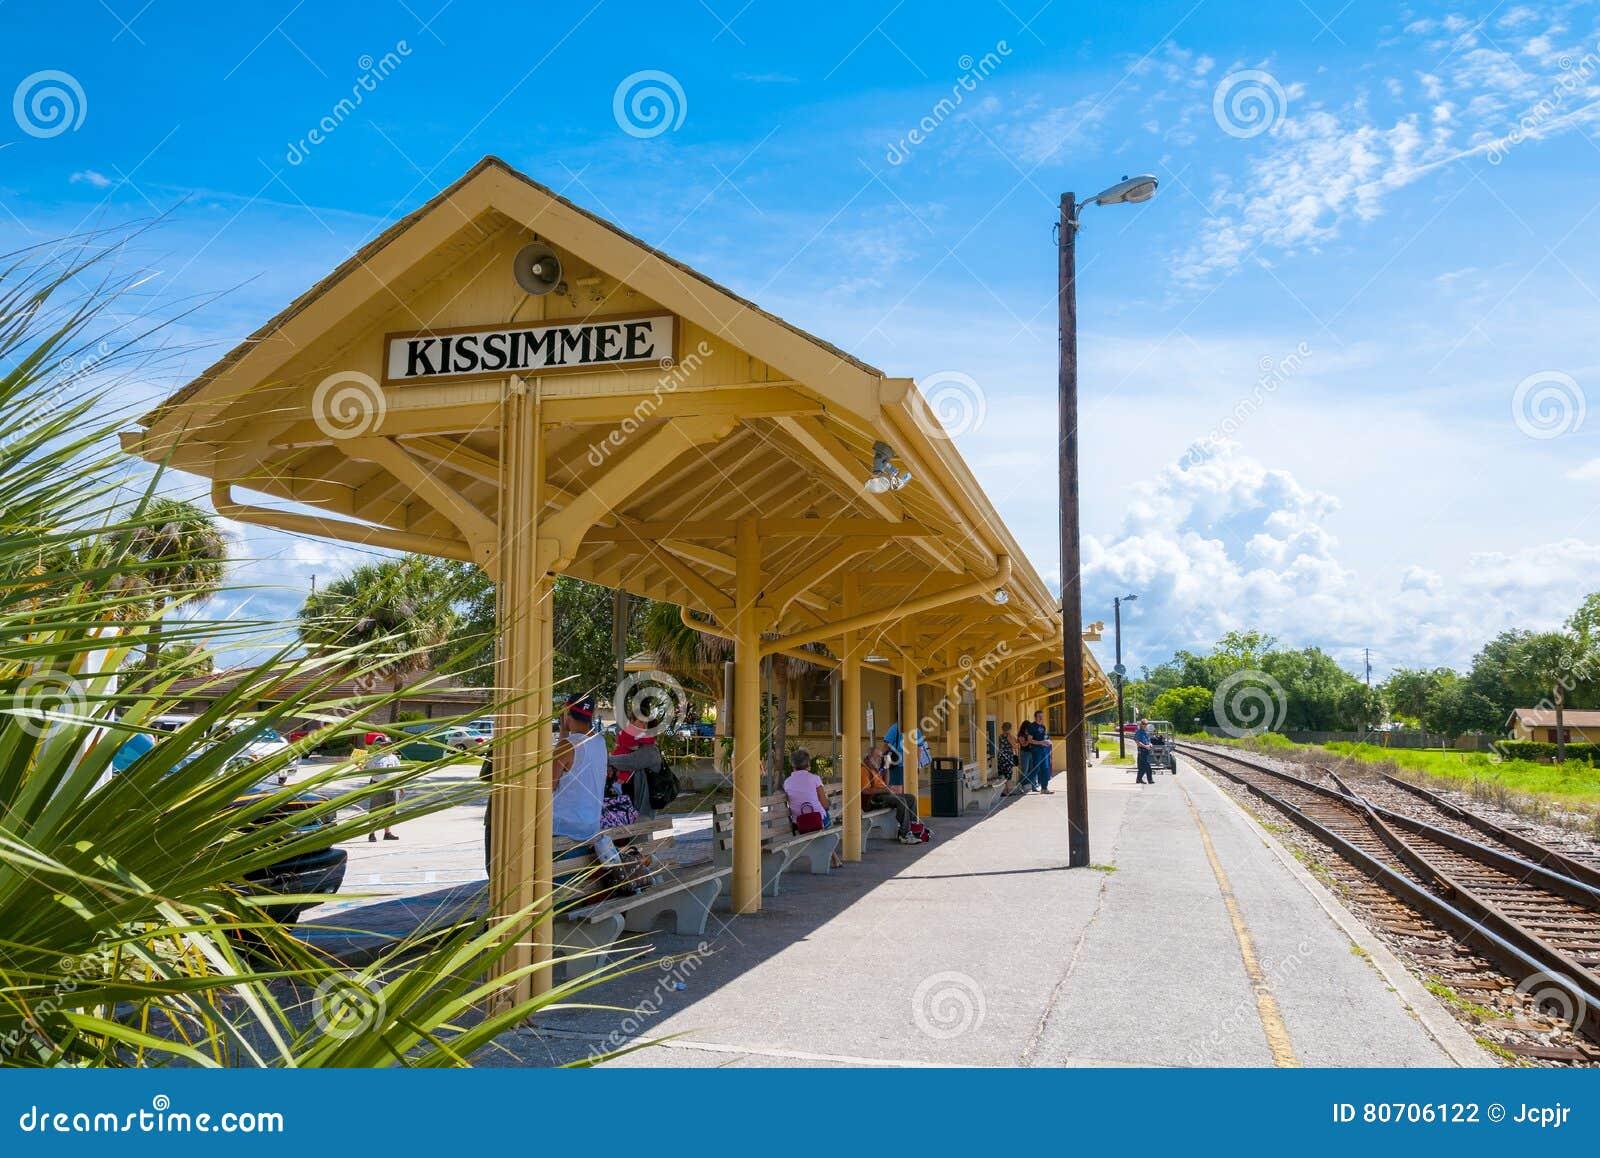 Plataforma do trem de Kissimmee florida